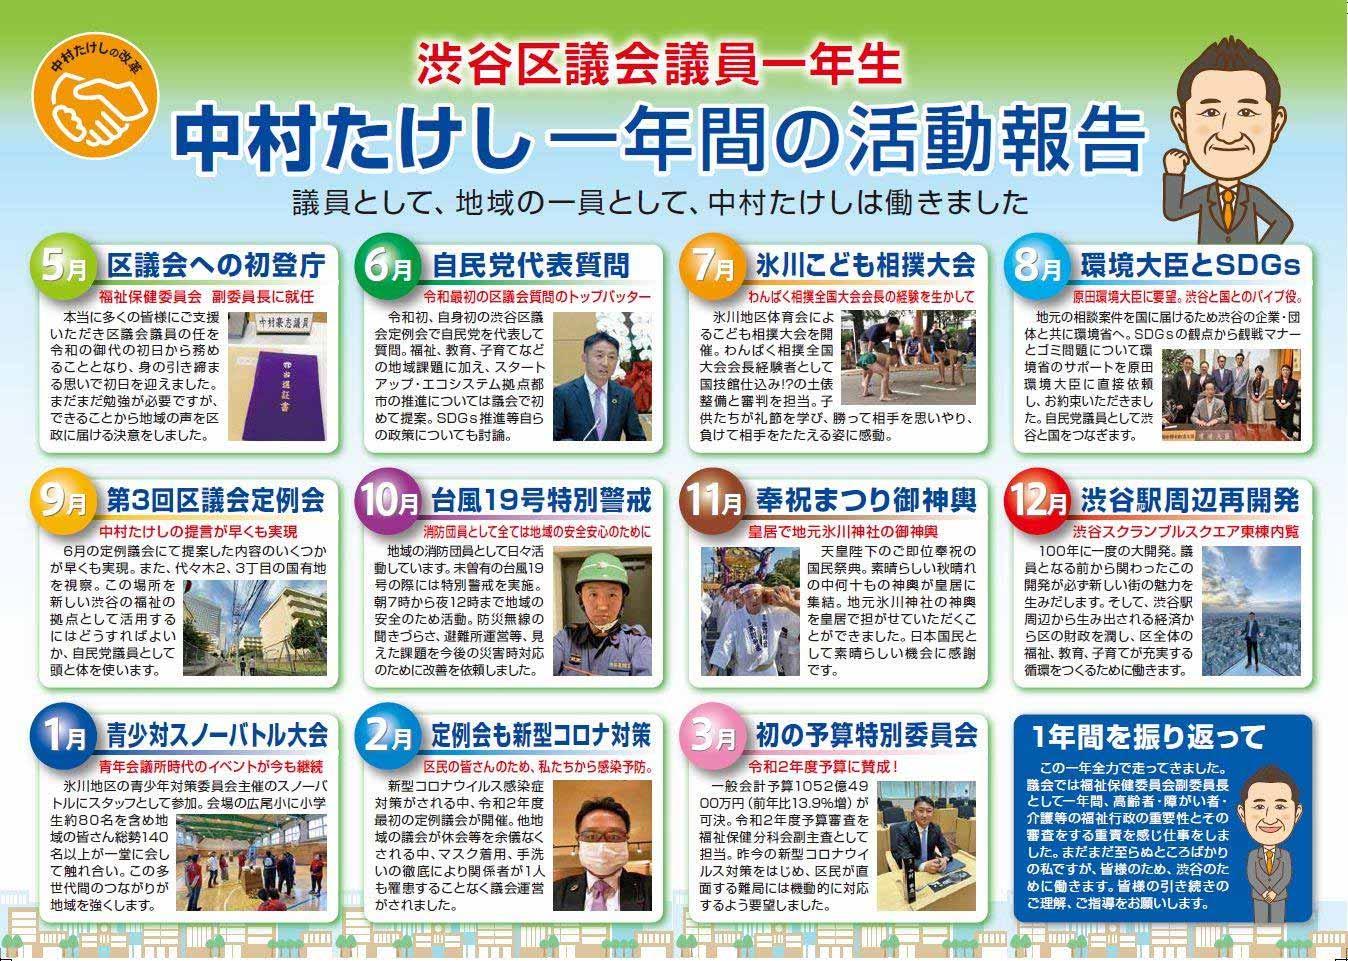 中村たけしの一年間の活動報告